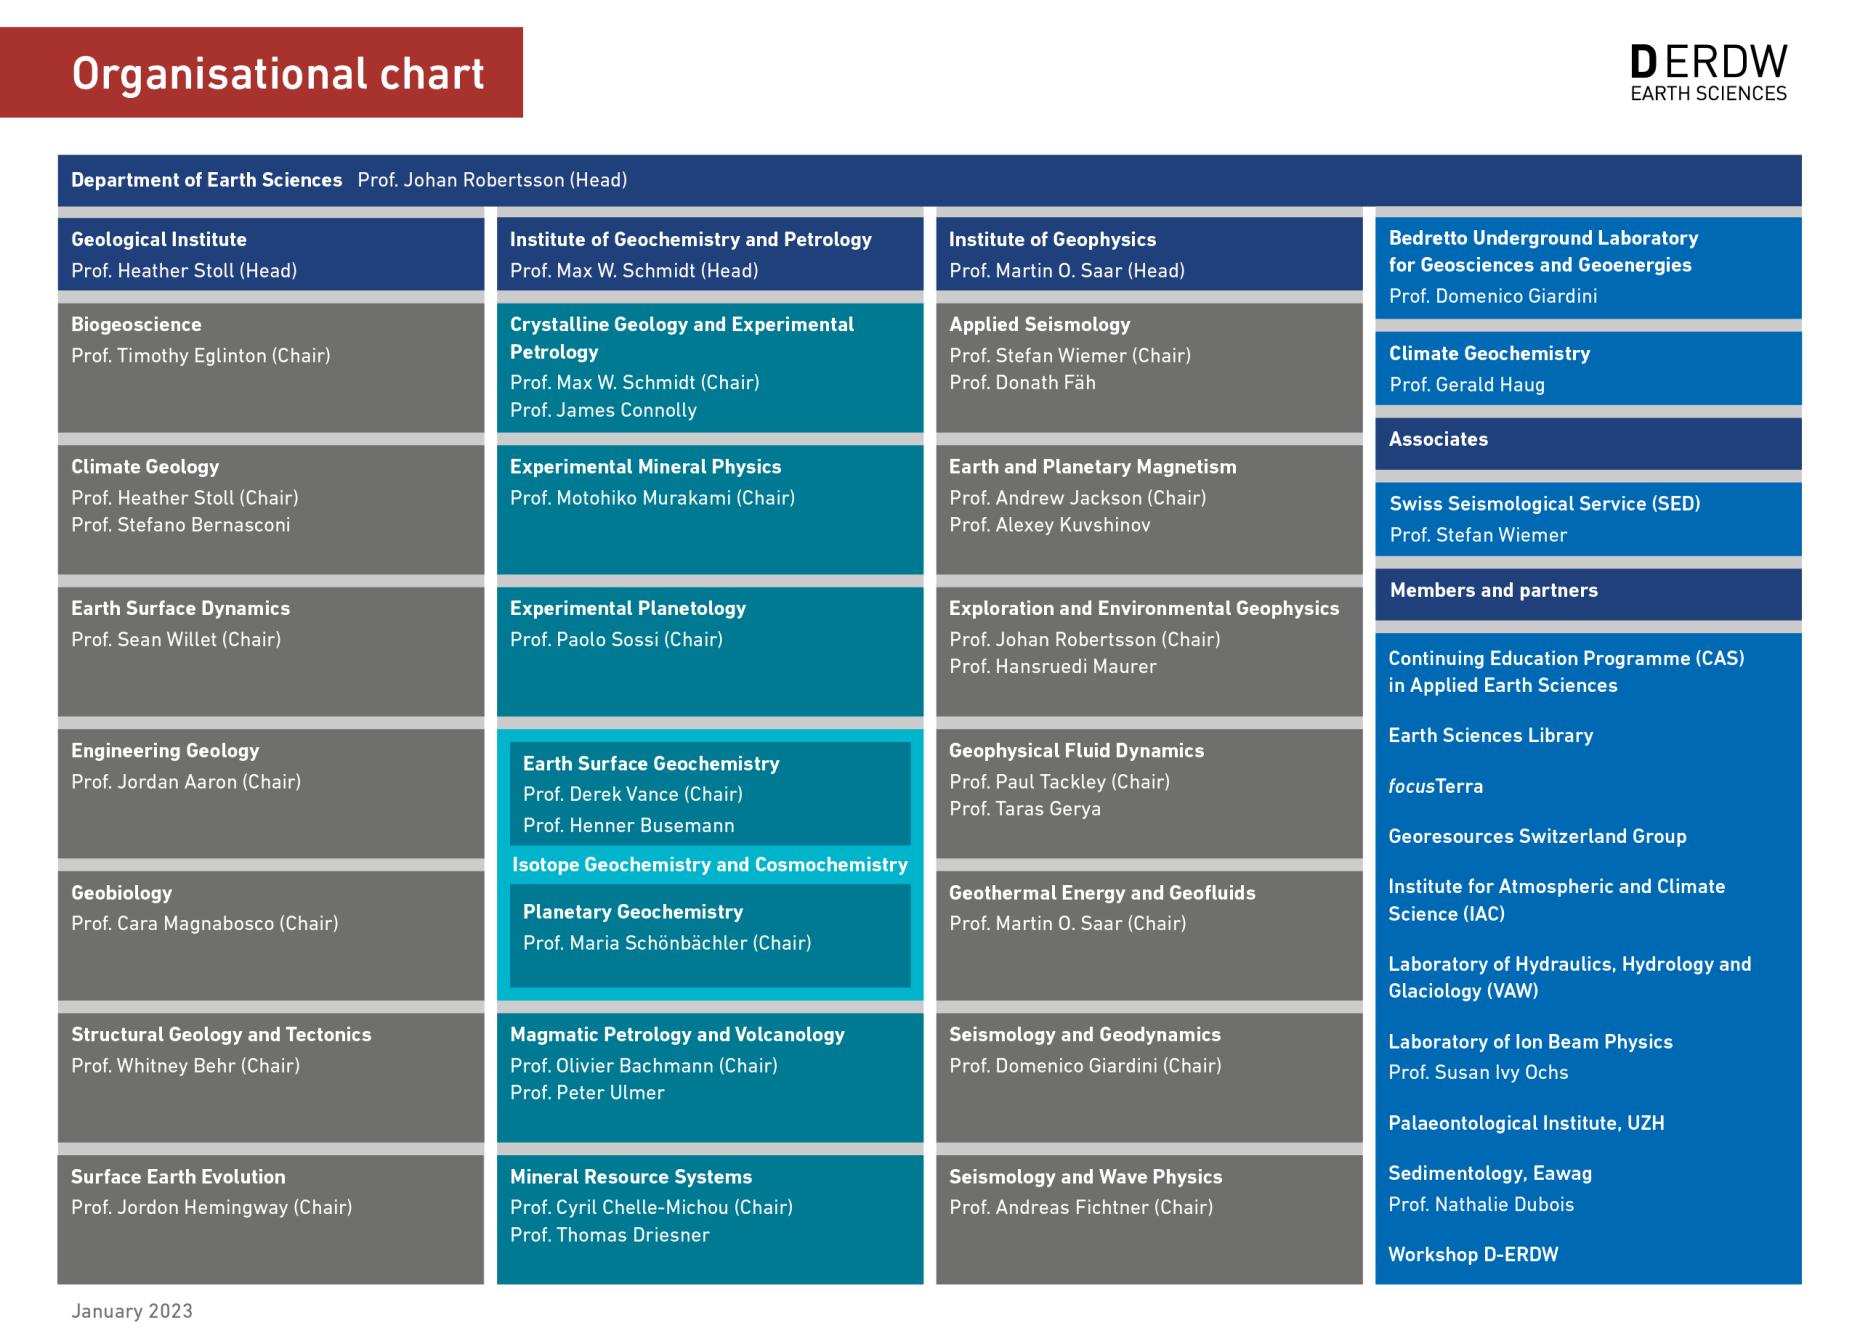 Organigramm der Institute und Gruppen (D-ERDW)